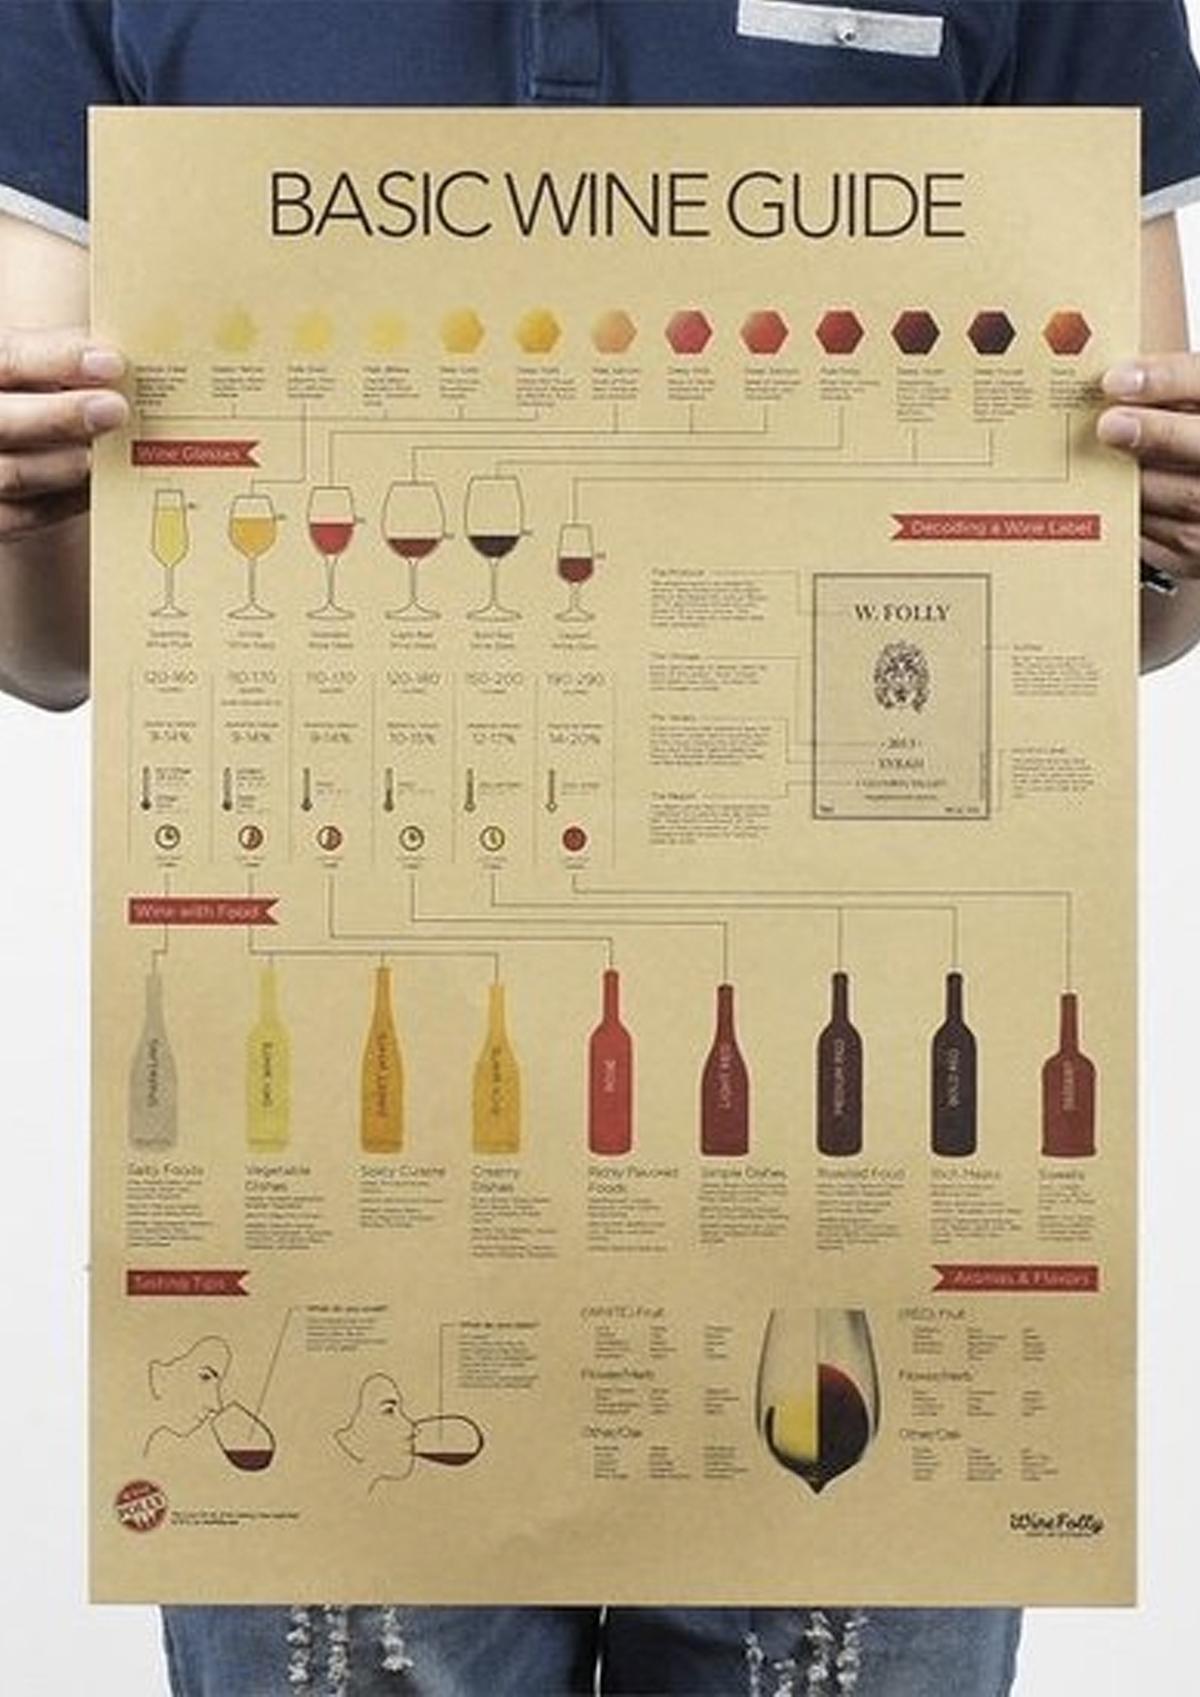 wijn poster als voorbeeld van wijngadgets